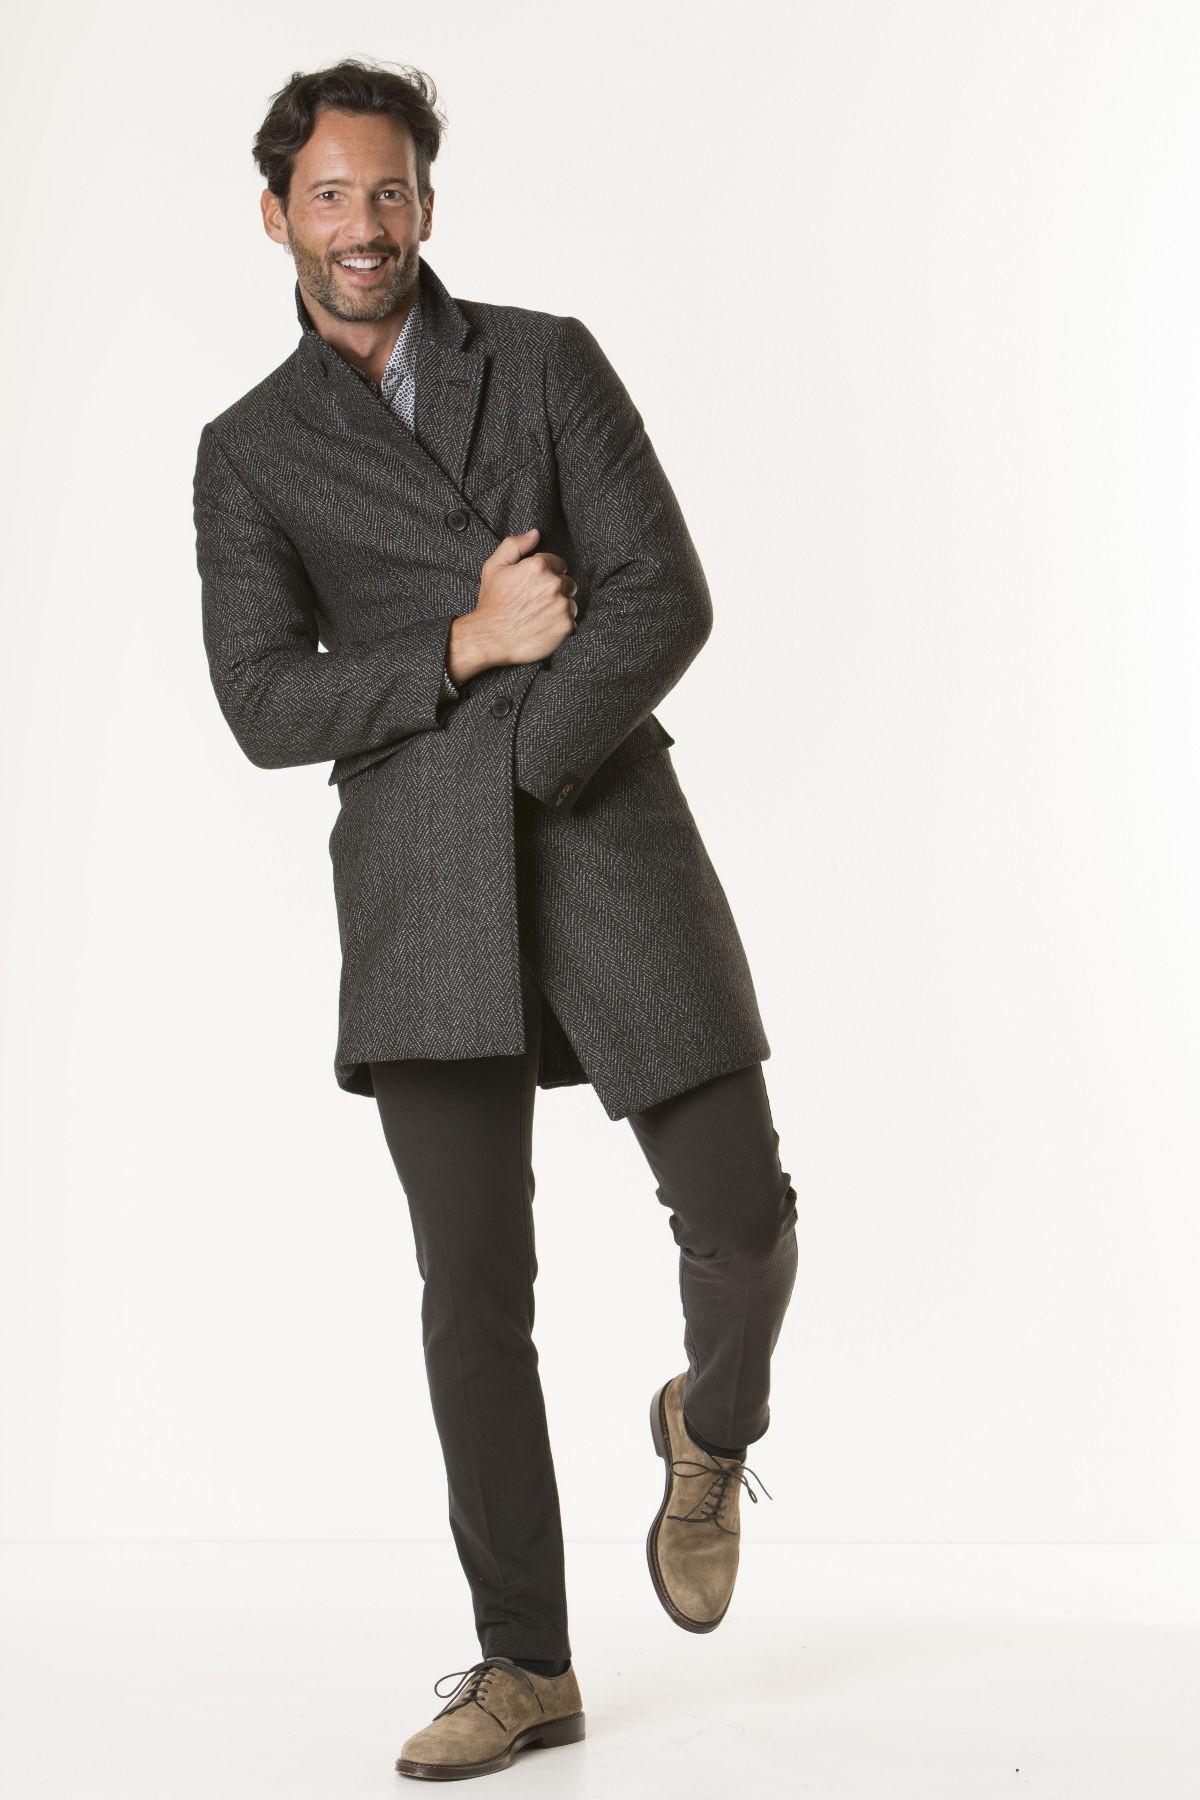 I cappotti da uomo firmati dagli stilisti più prestigiosi sono disponibili online su fishingrodde.cf Cappotti uomo classici, informali, eleganti, sportivi, di tendenza, confezionati con materiali preziosi come il cachemire. Scopri su fishingrodde.cf le proposte della stagione e scegli ogni giorno uno stile diverso.